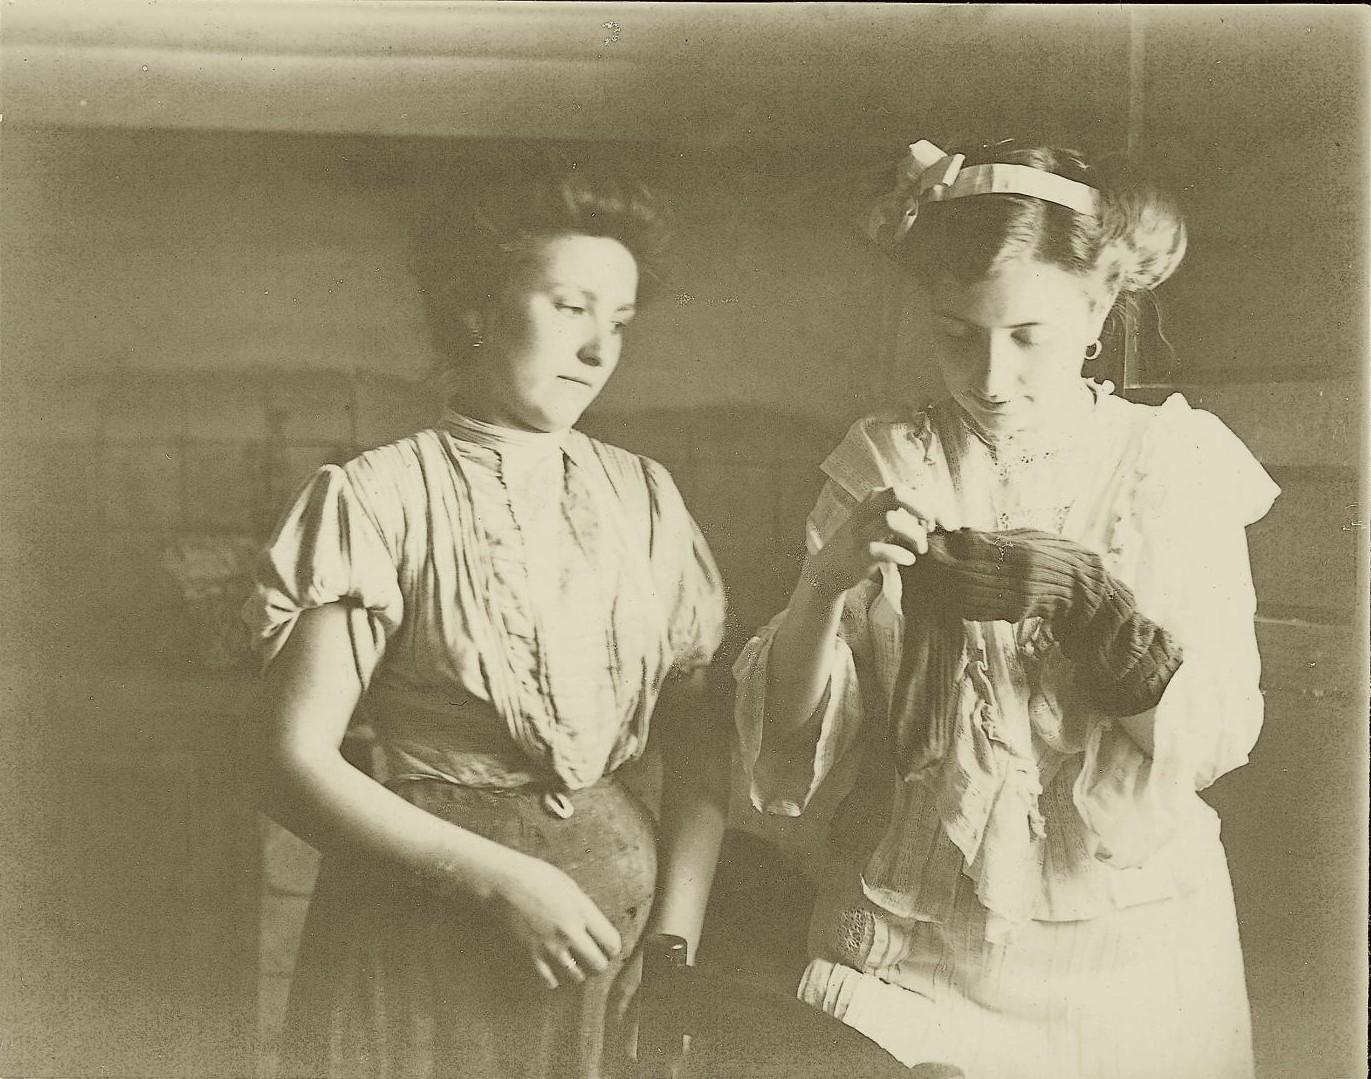 zl.-Josefa hermana del pintor con la sobrina de ambos:Emilia